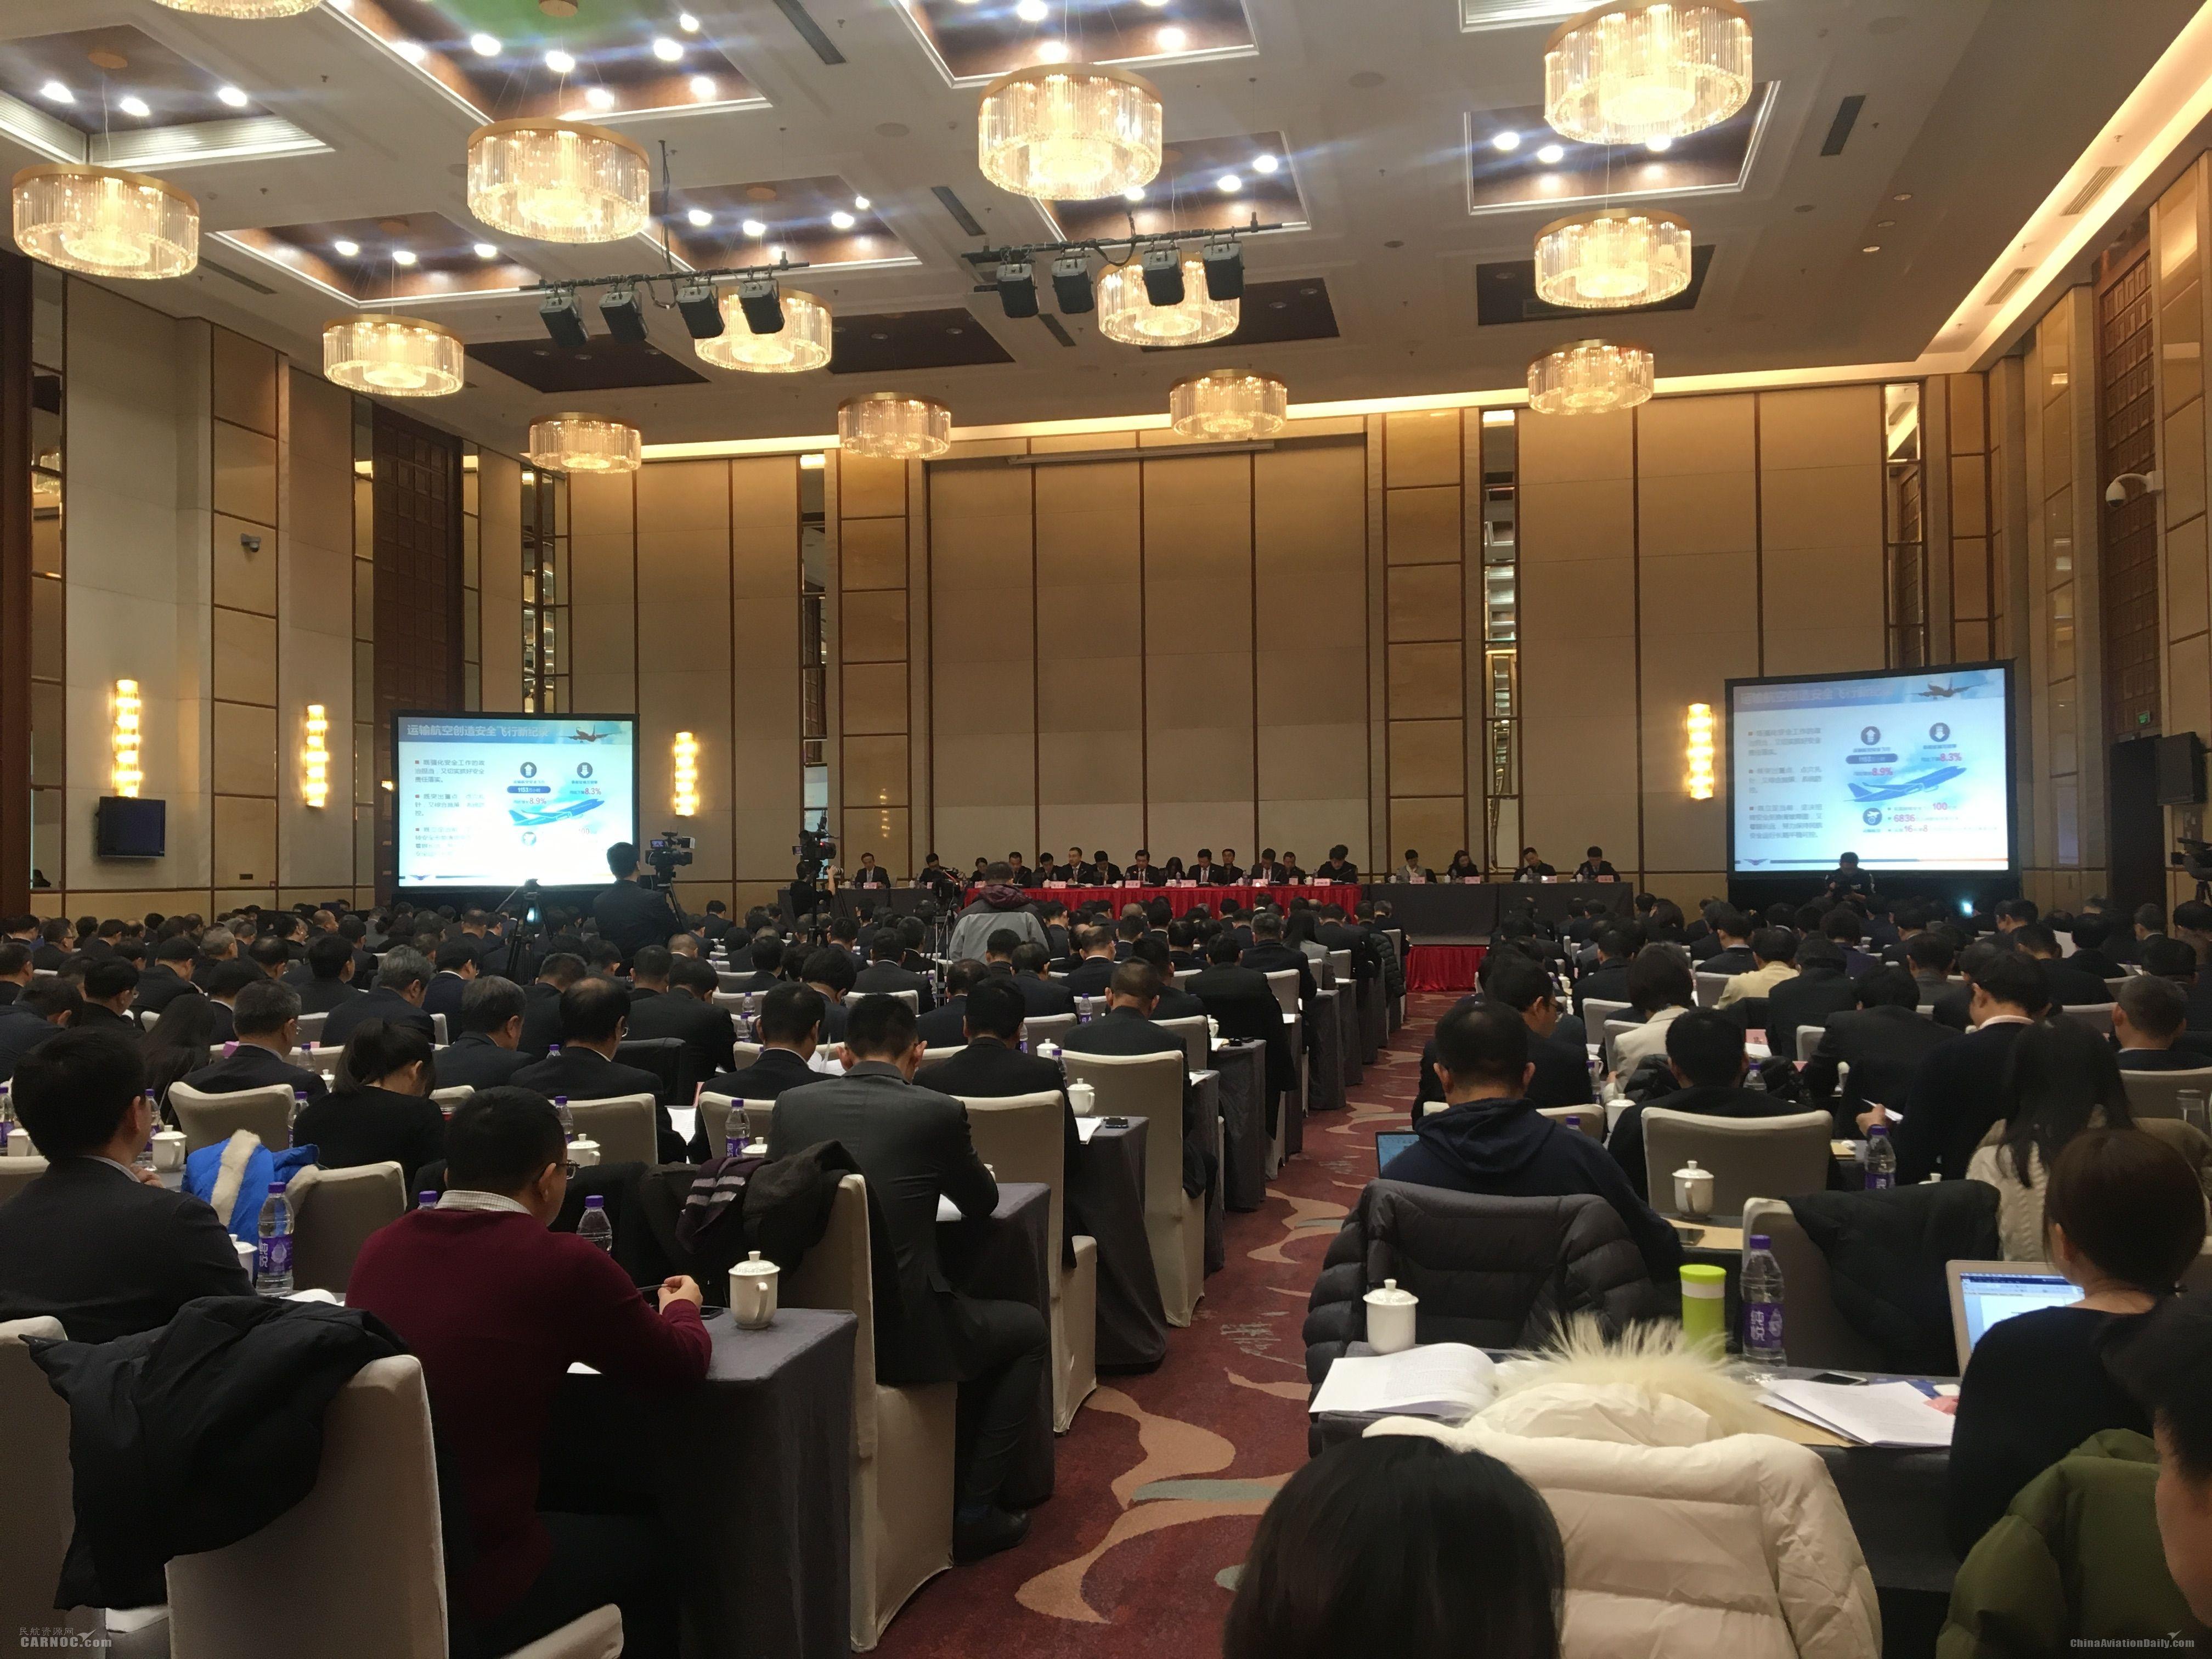 北京大兴国际机场将于6.30全面竣工,9.30开航